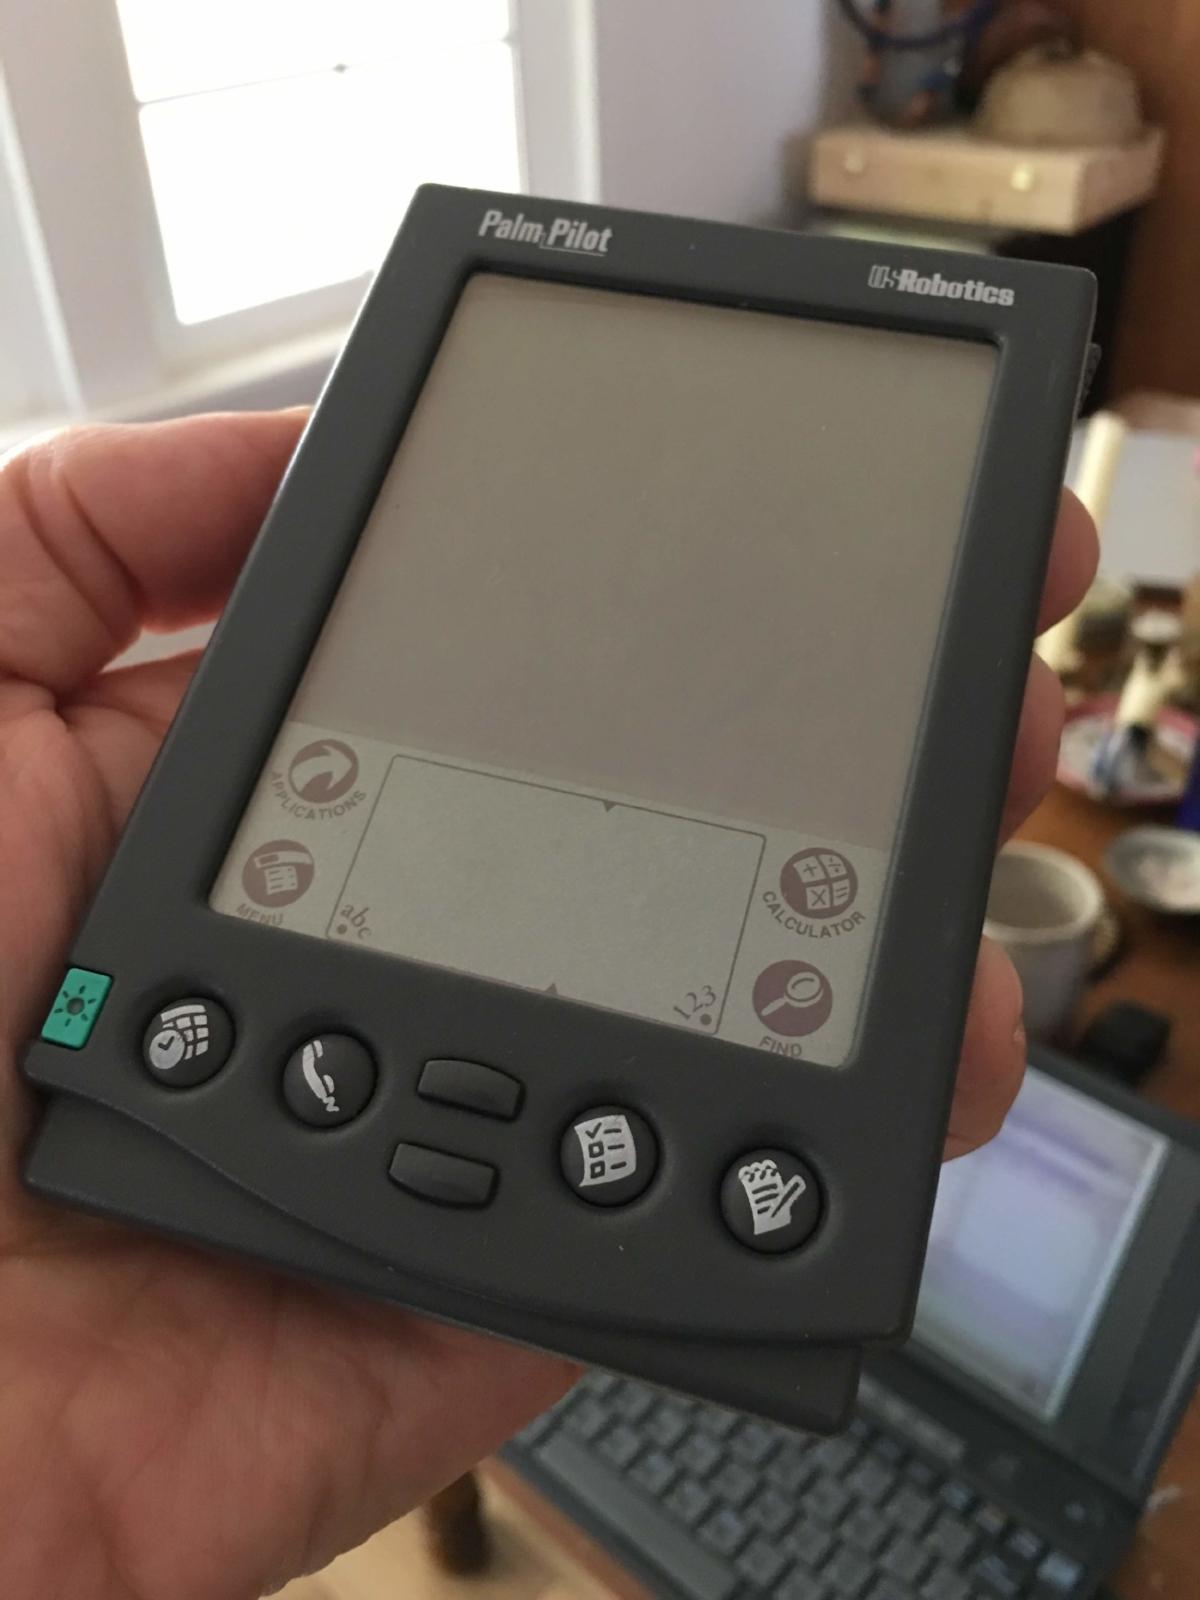 The original Palm Pilot.